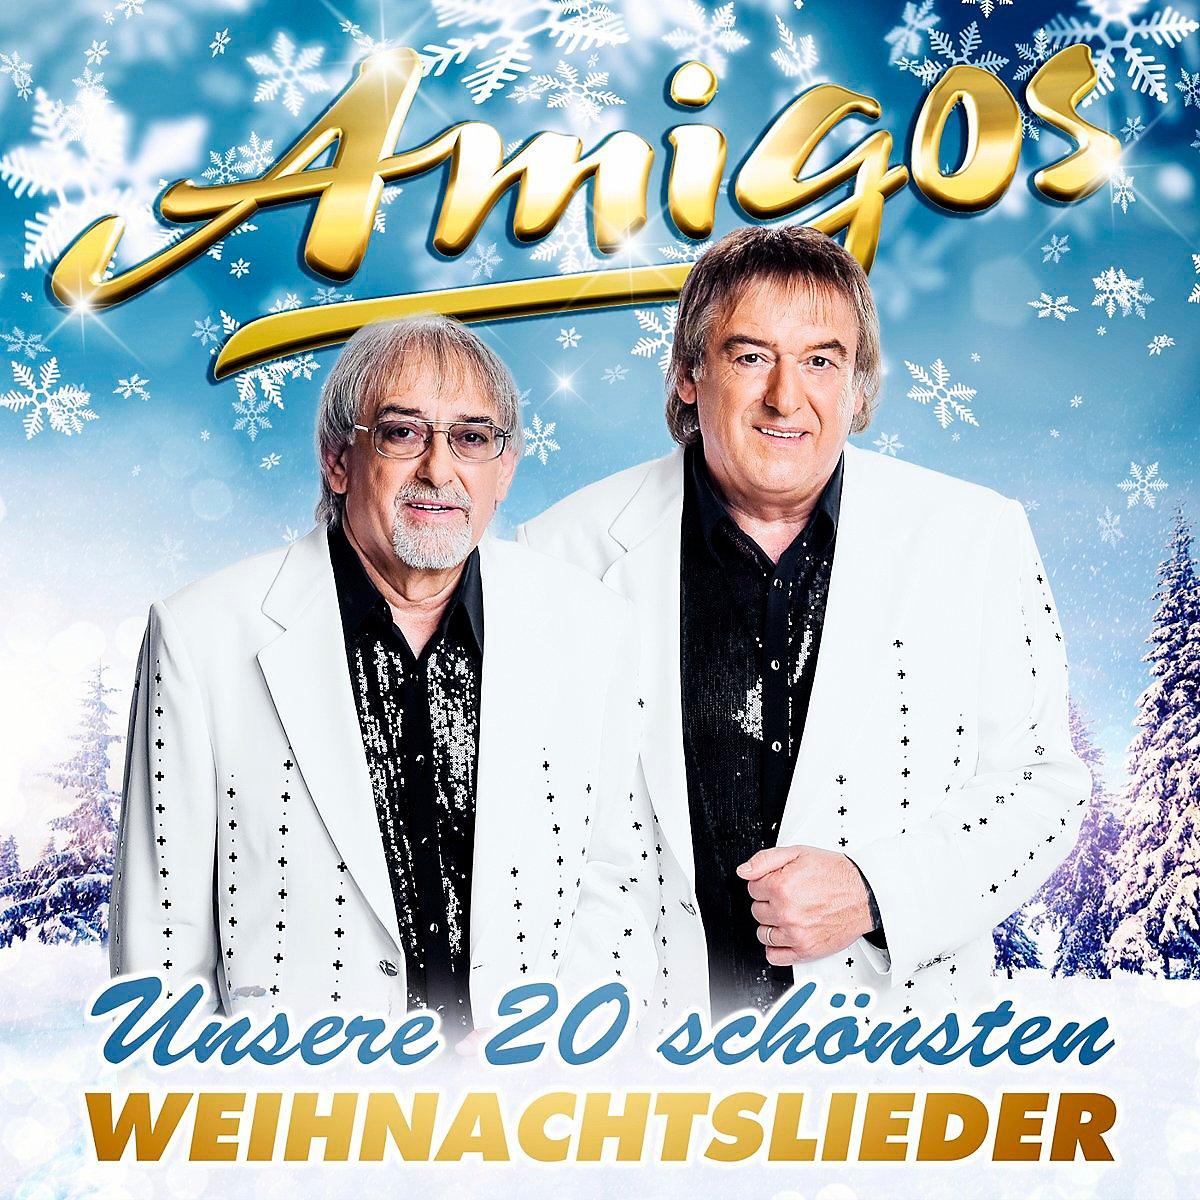 Unsere 20 schönsten Weihnachtslieder CD von Amigos | Weltbild.at